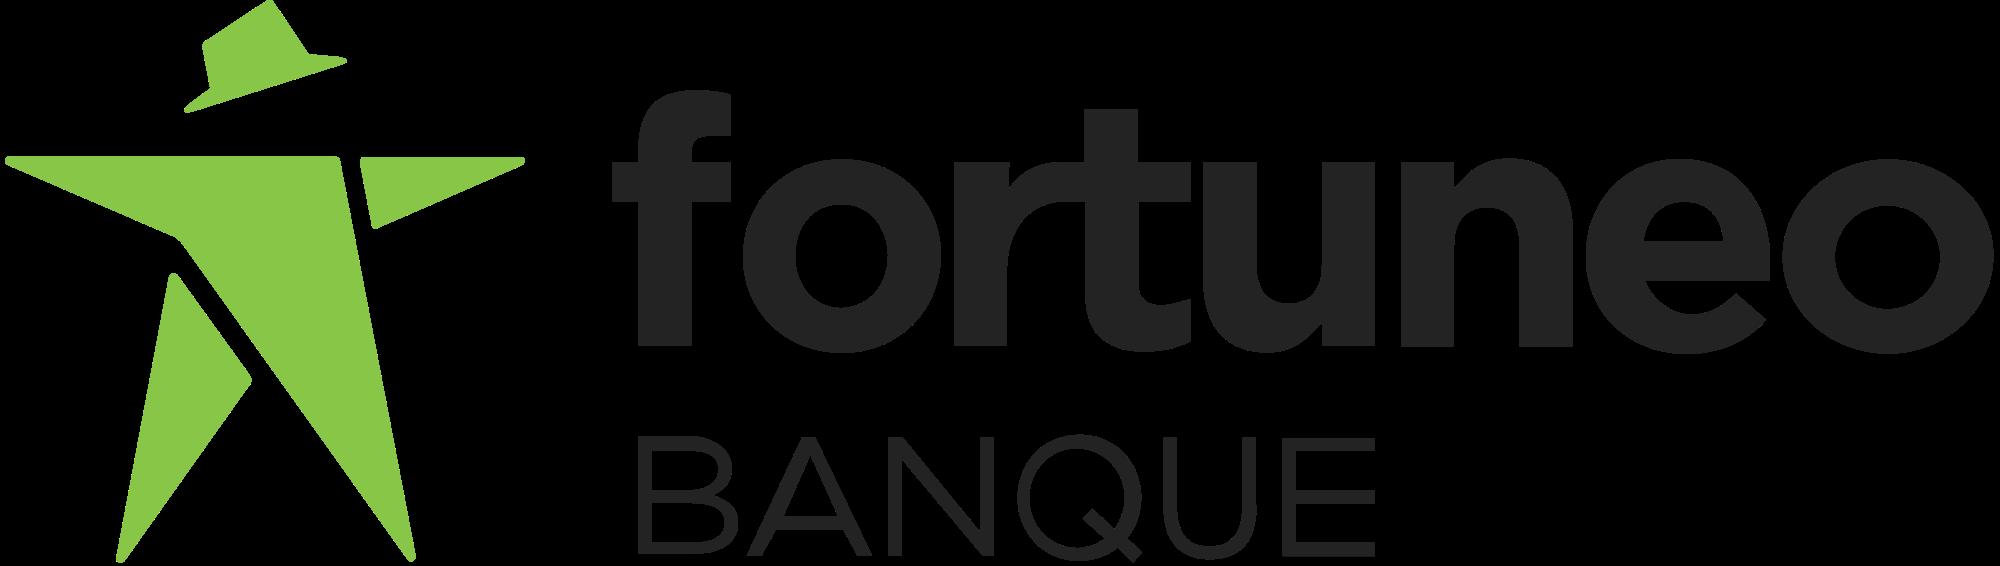 Carte bancaire Fortuneo et compte courant en ligne